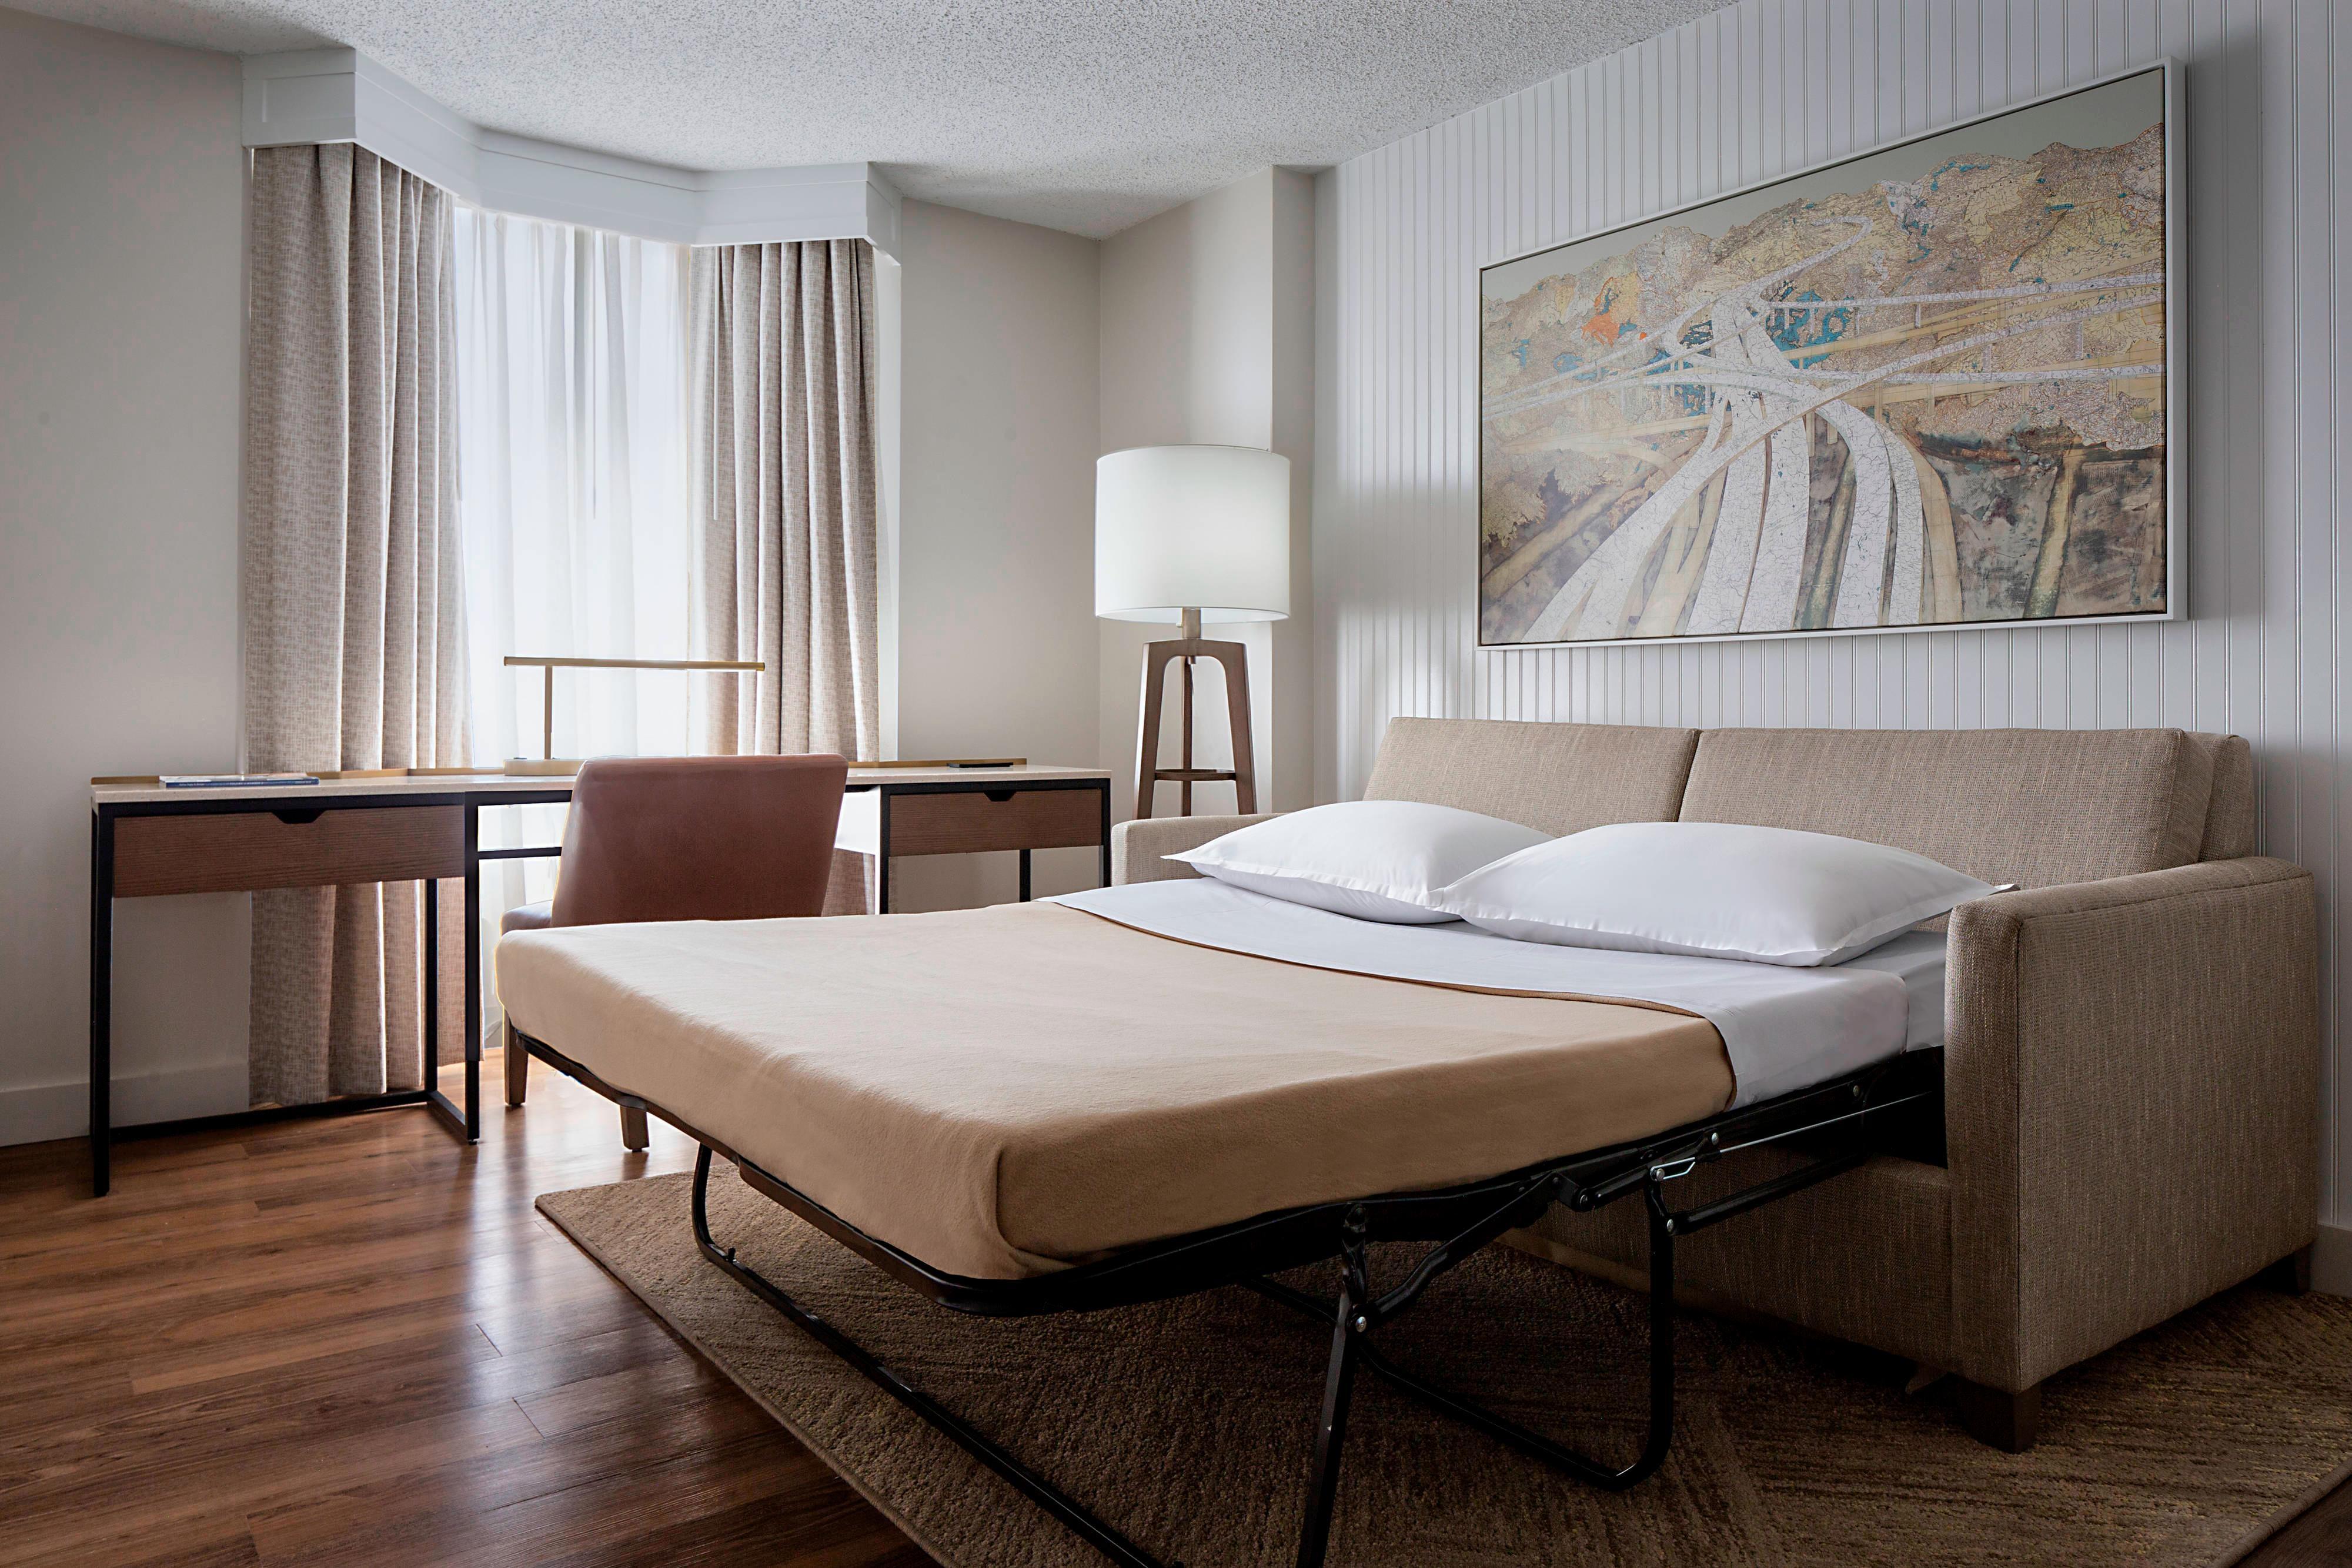 Sofá-cama da suíte